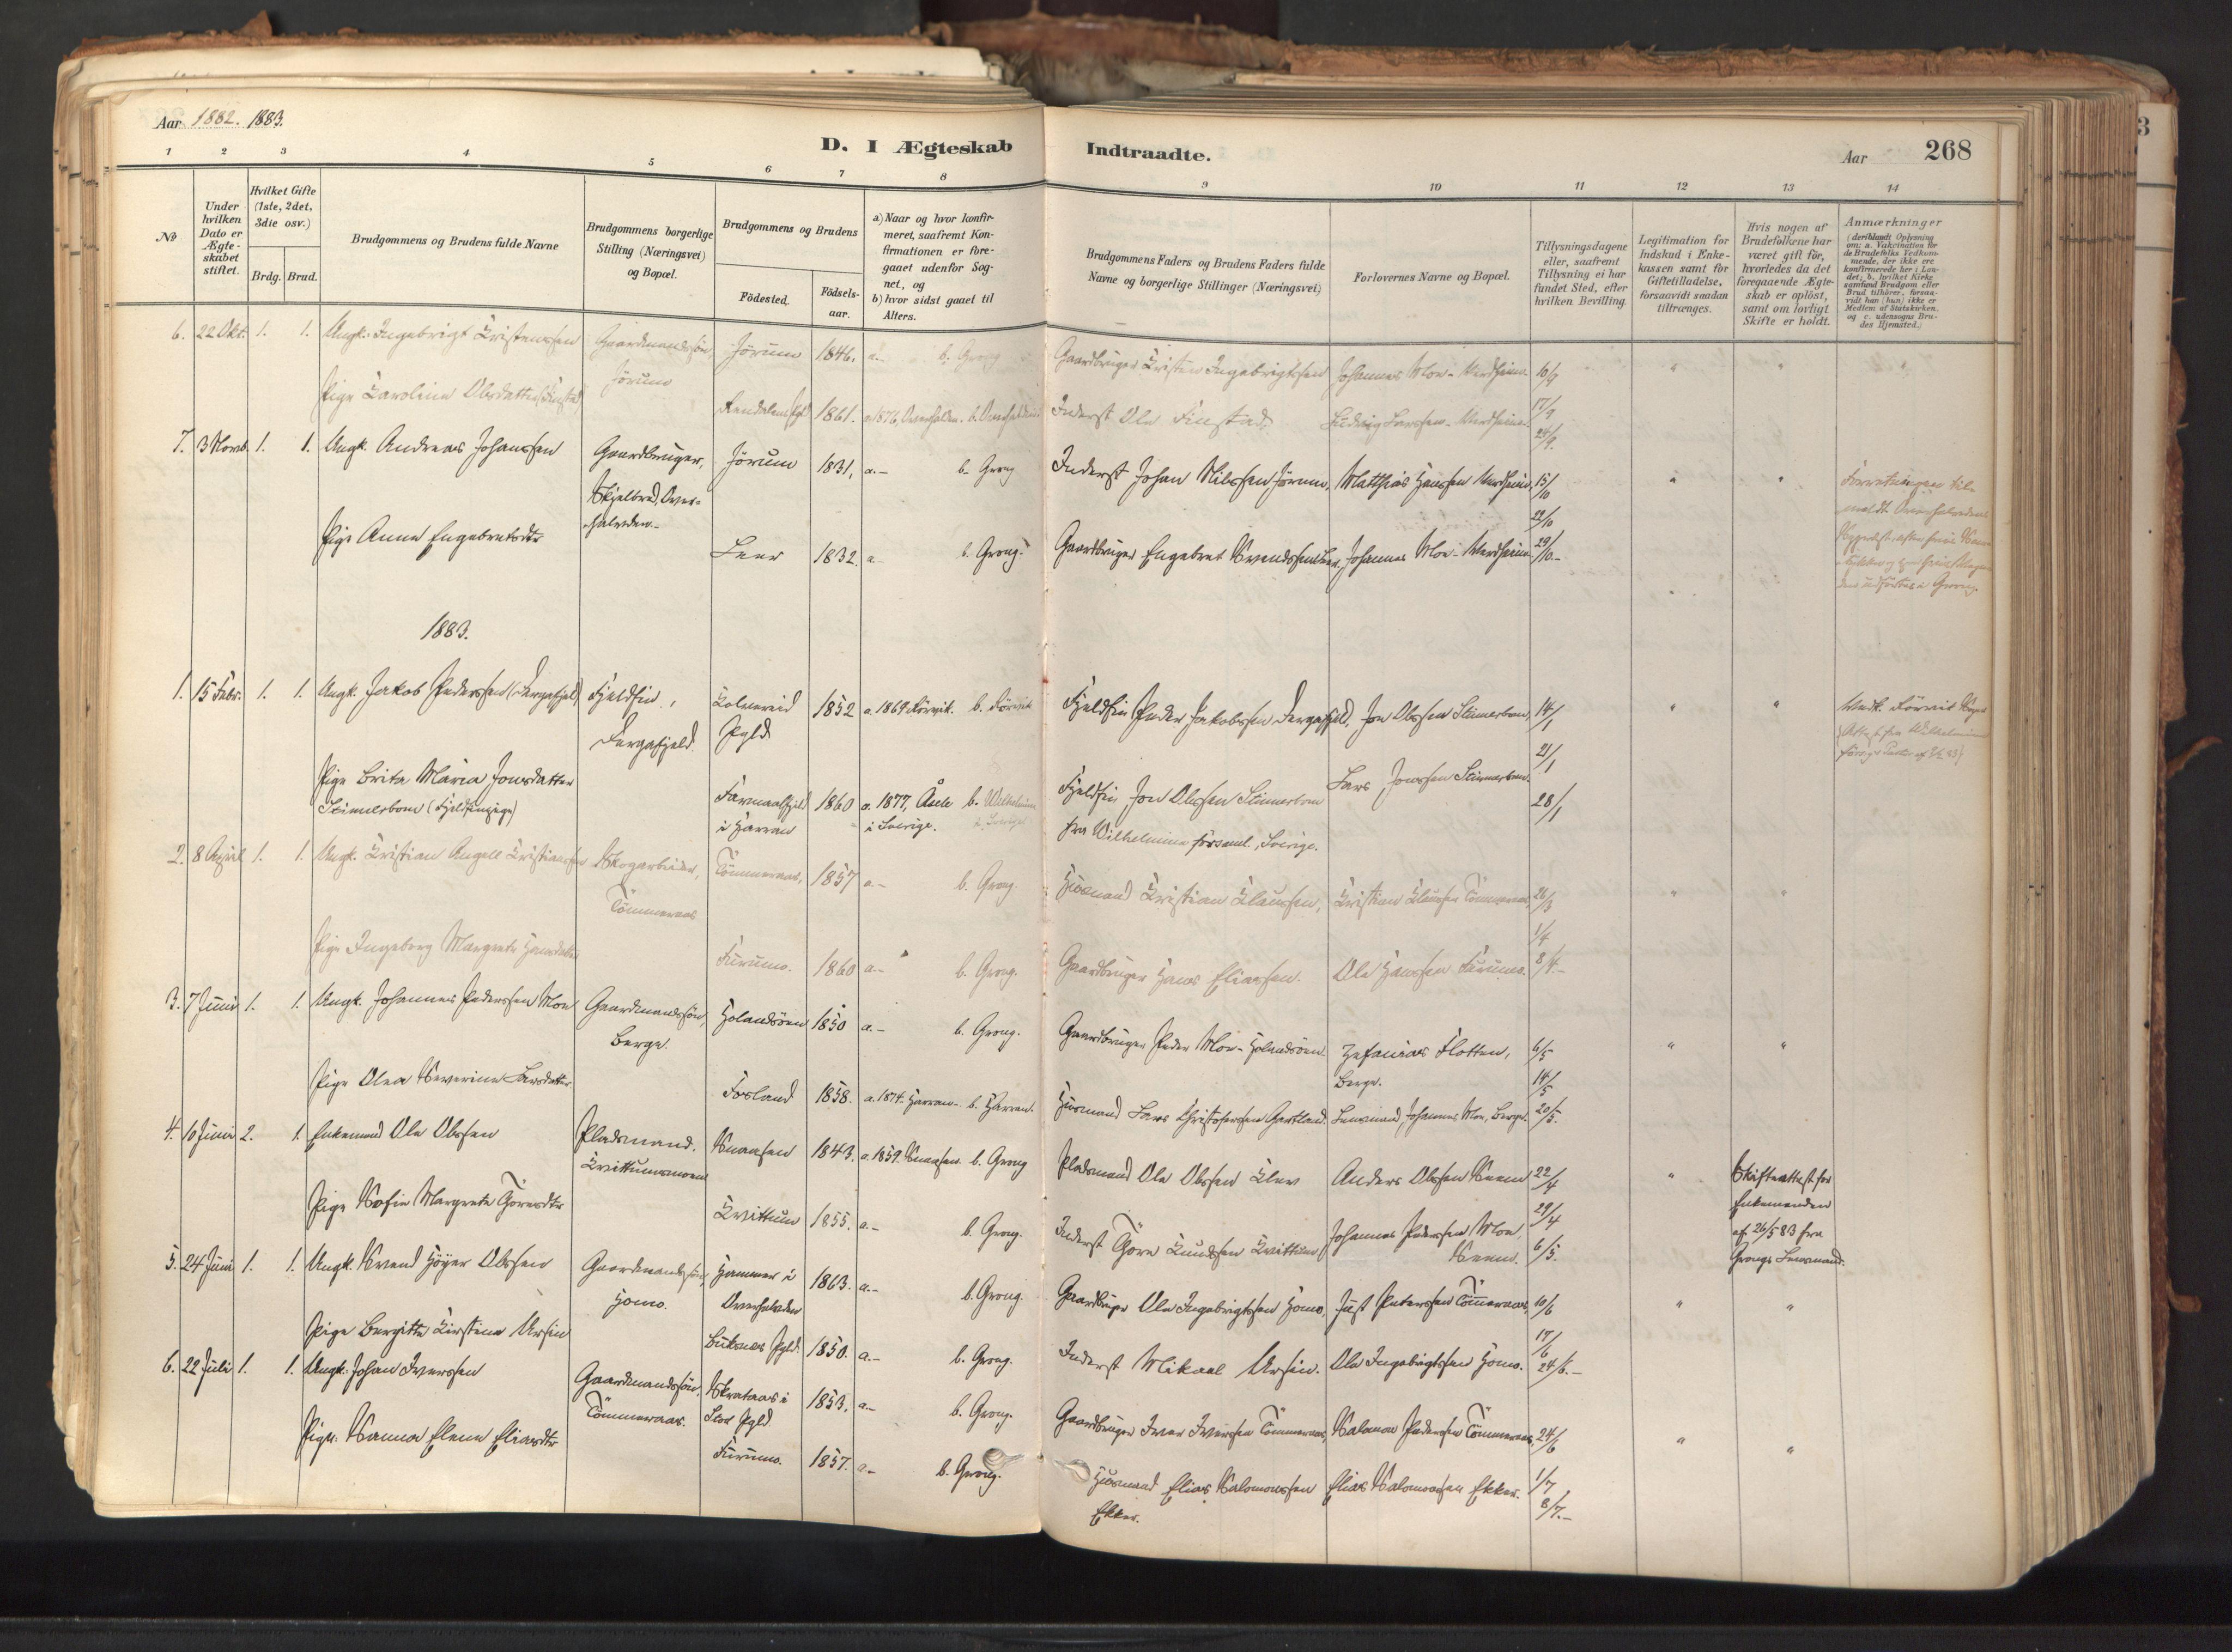 SAT, Ministerialprotokoller, klokkerbøker og fødselsregistre - Nord-Trøndelag, 758/L0519: Ministerialbok nr. 758A04, 1880-1926, s. 268